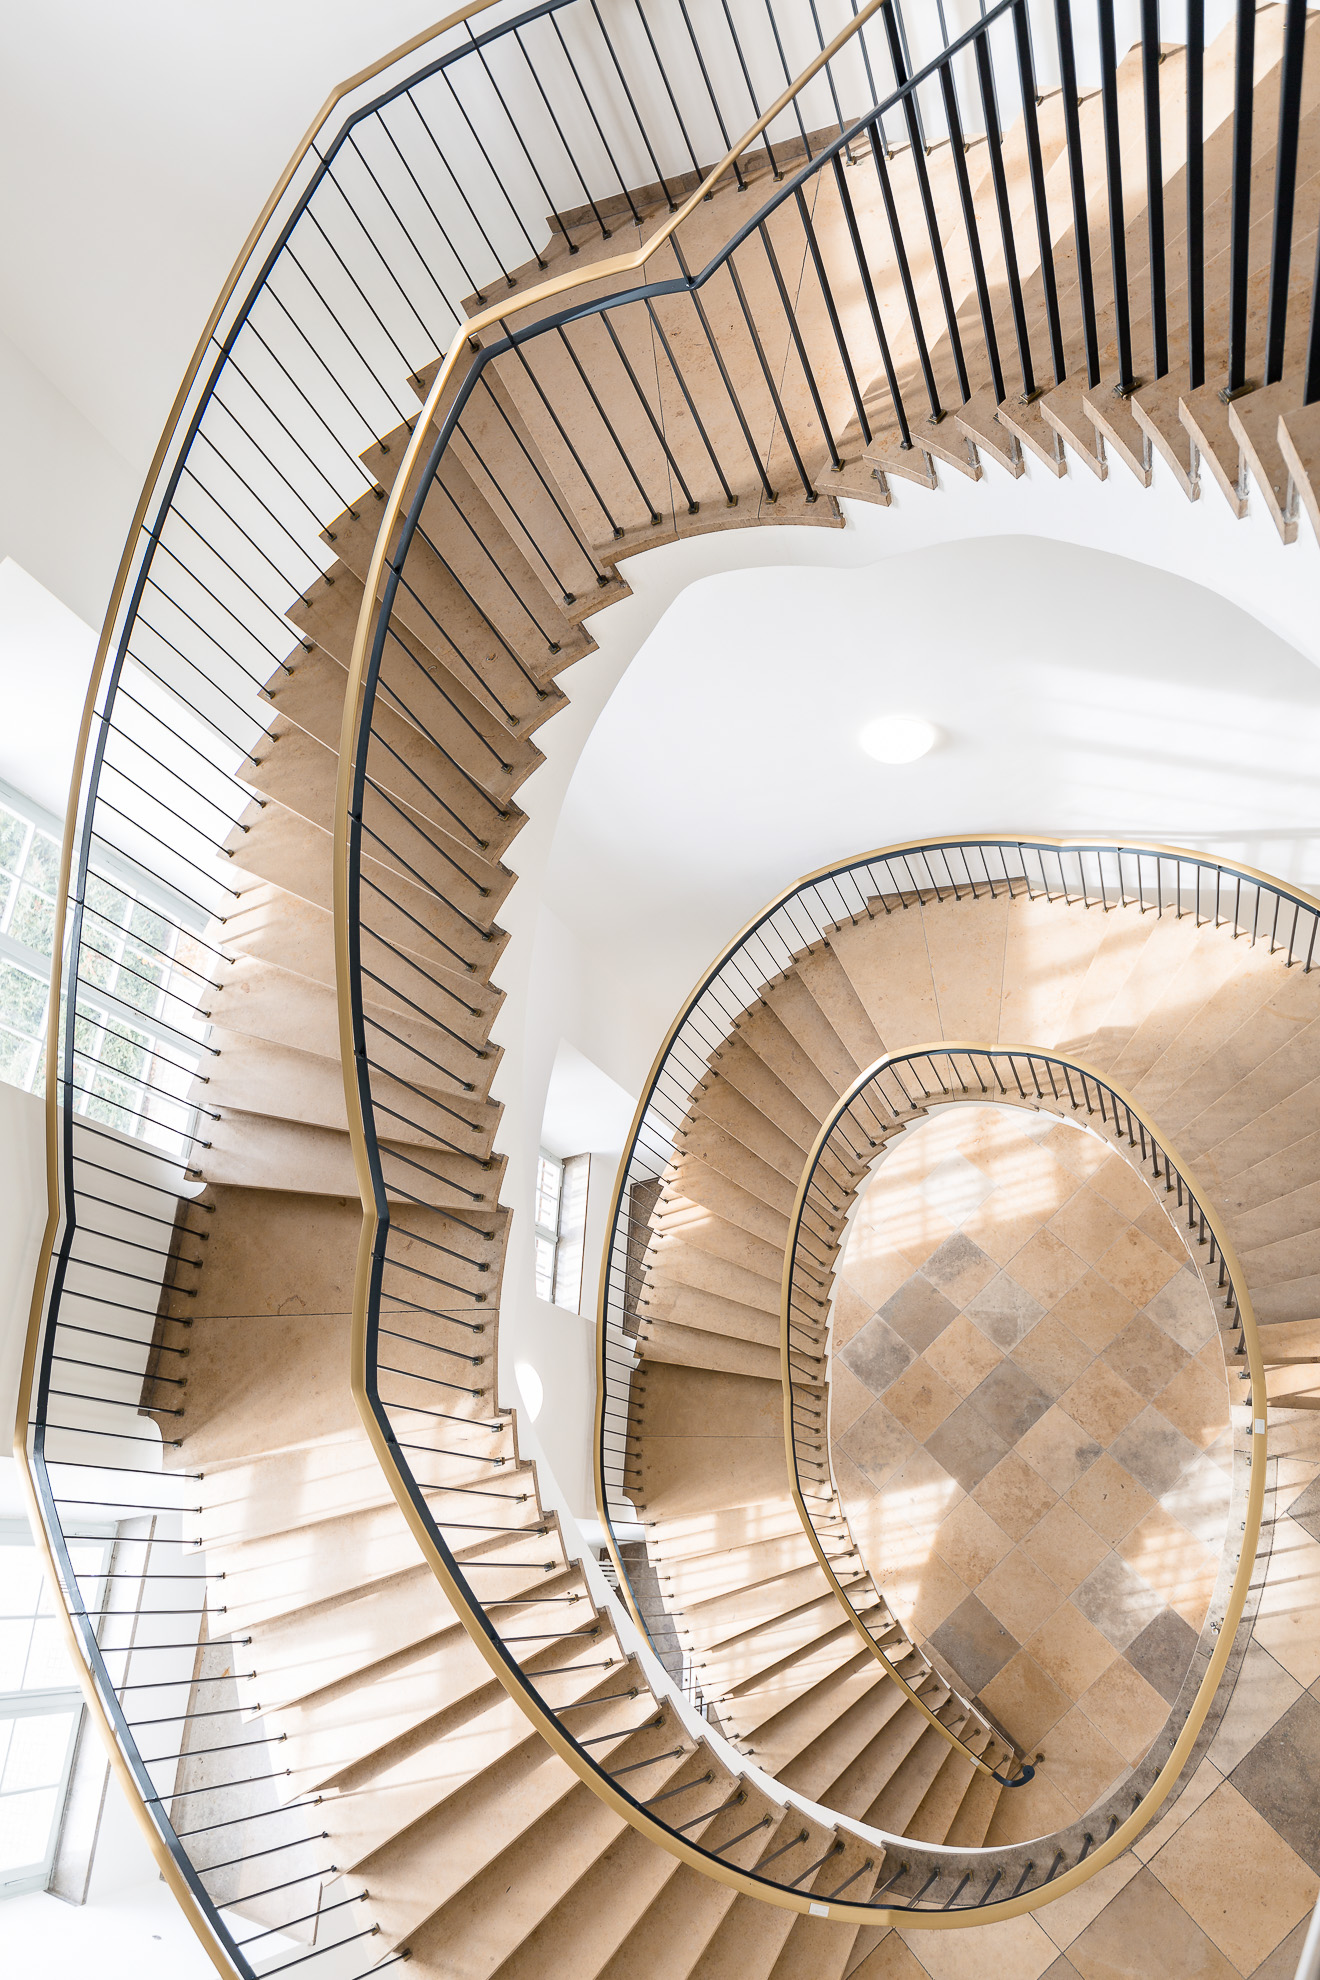 stairs-mannheim-university-2.jpg